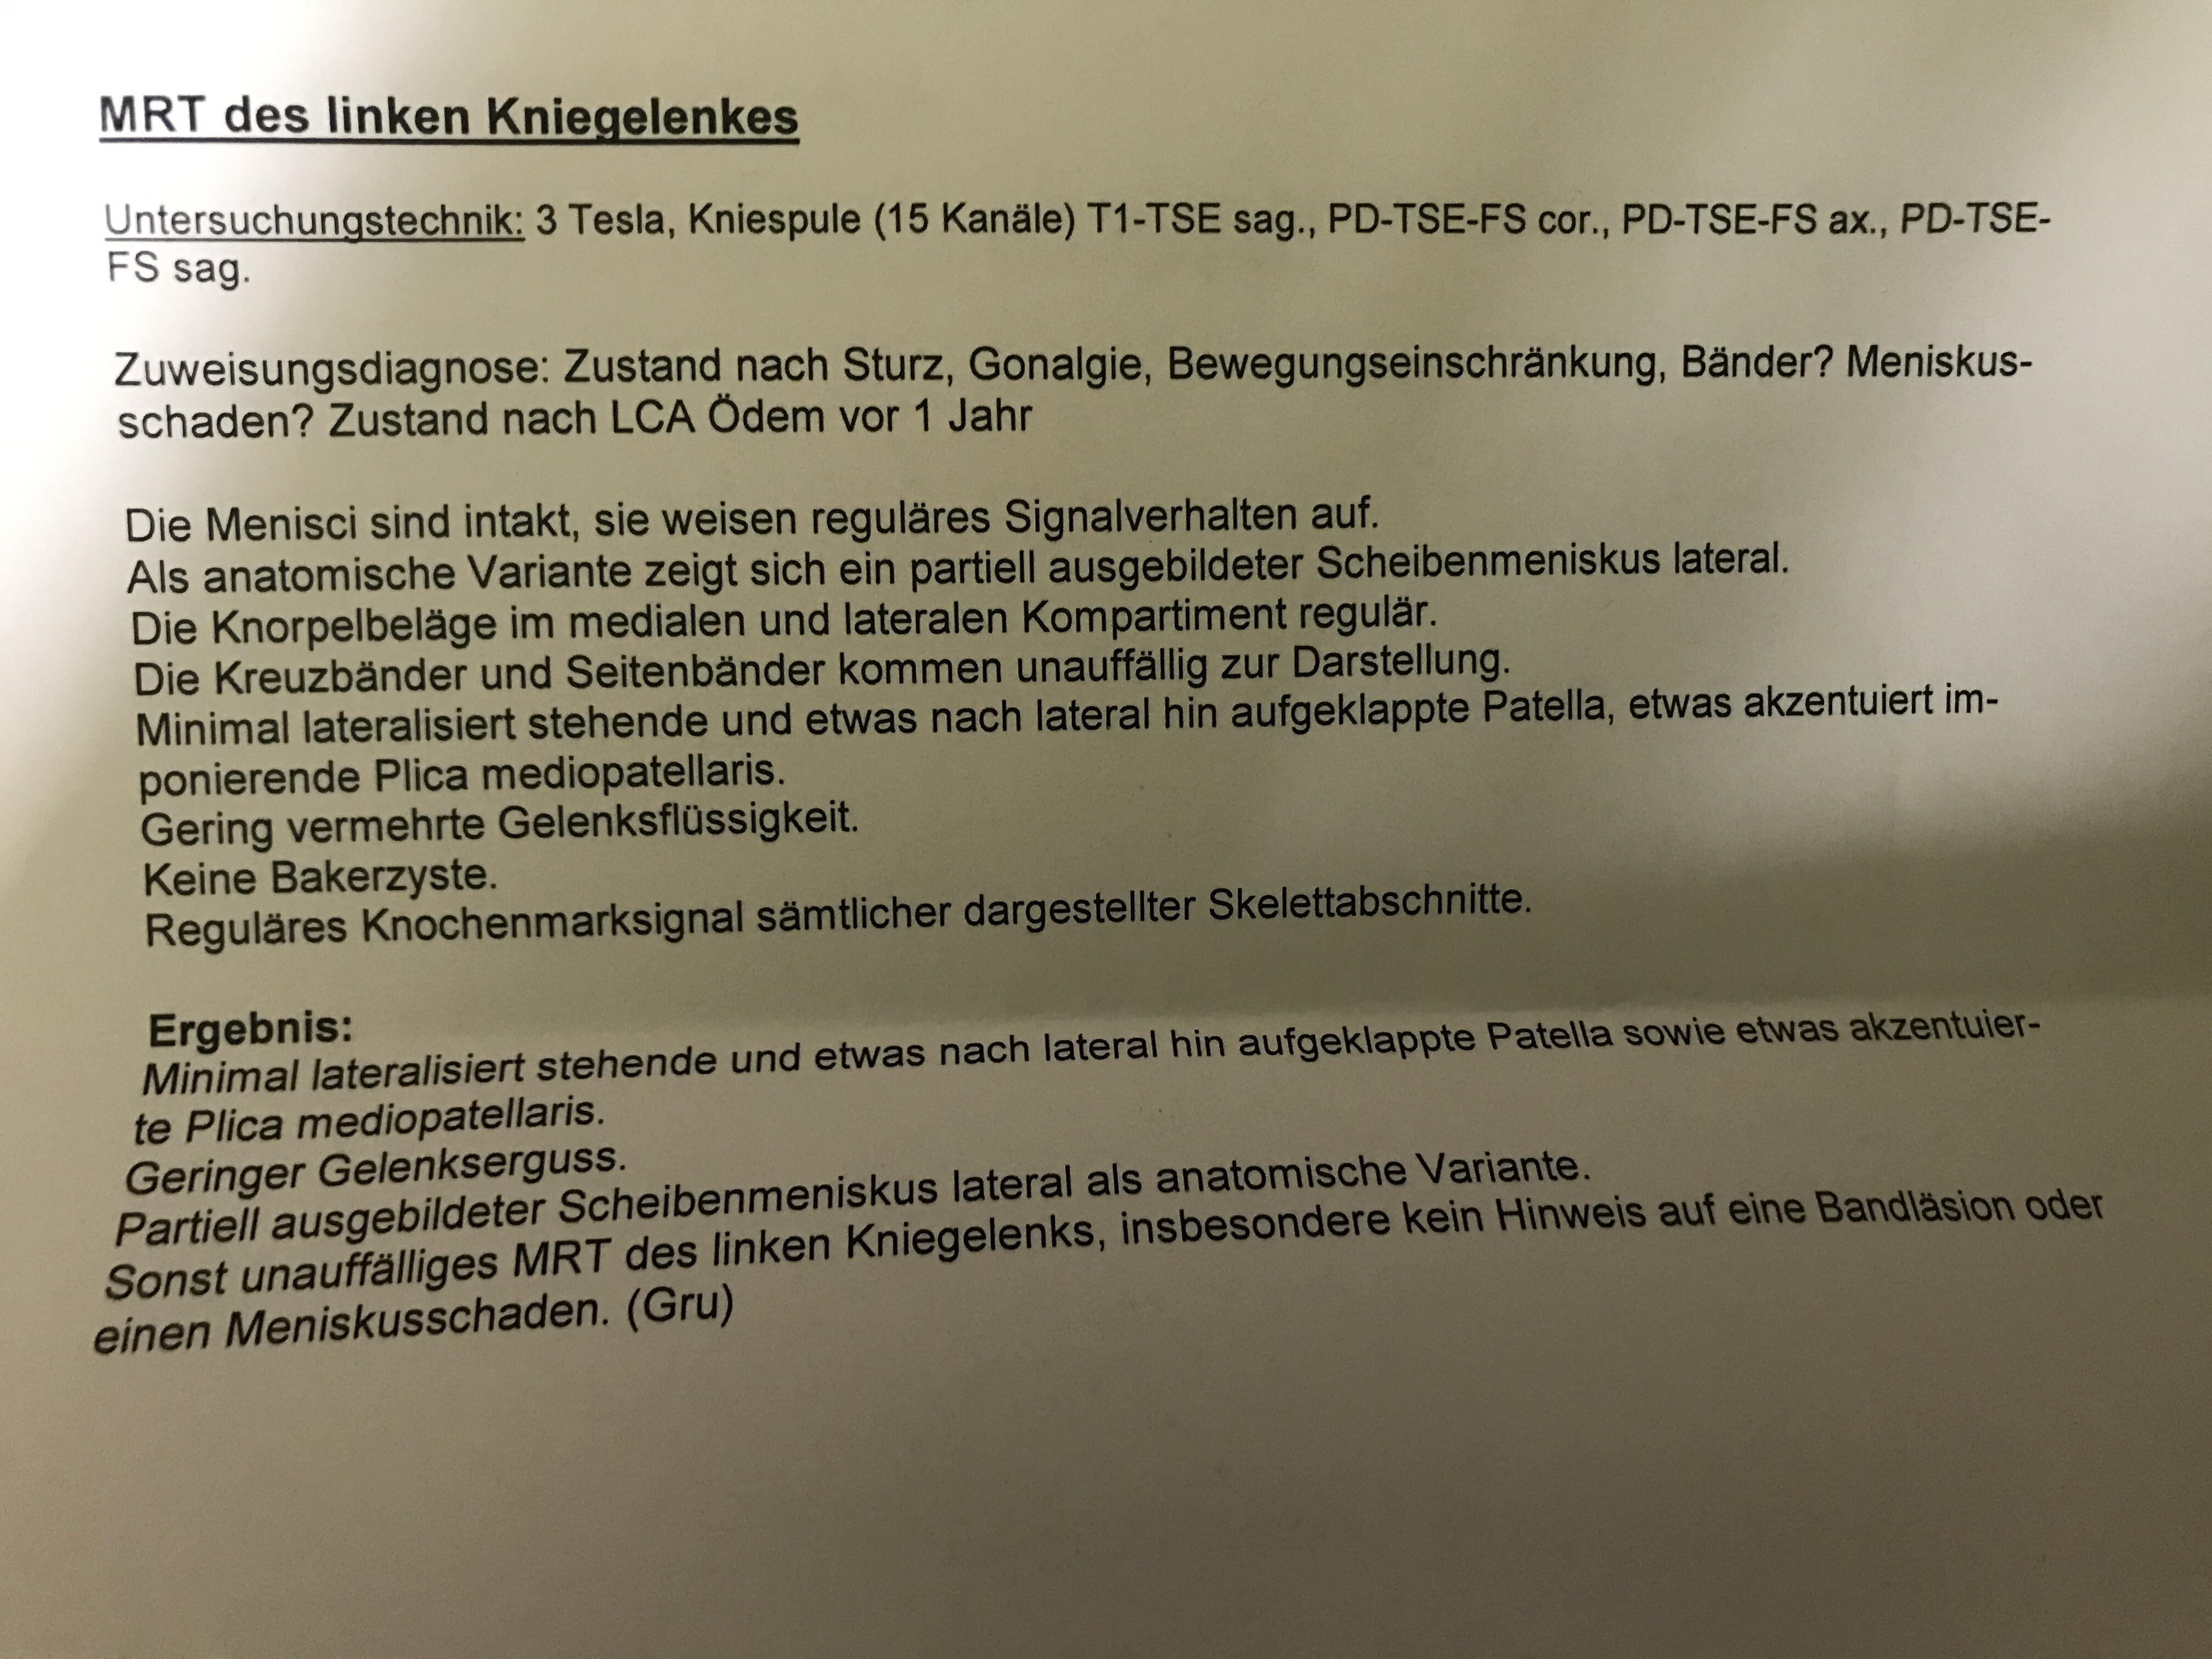 Nett Laterale Seitenband Anatomie Fotos - Physiologie Von ...